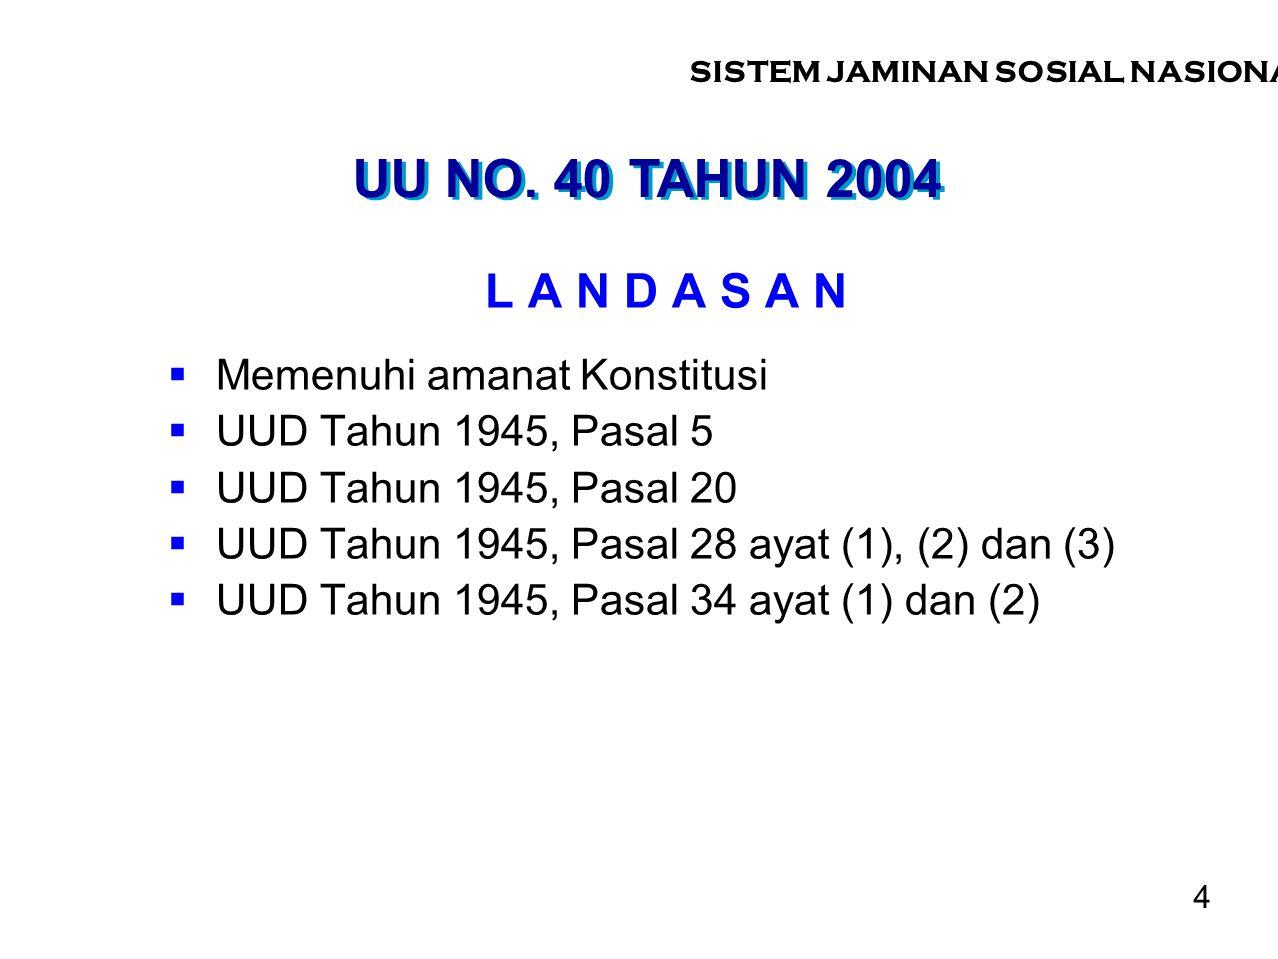 UU NO. 40 TAHUN 2004 L A N D A S A N  Memenuhi amanat Konstitusi  UUD Tahun 1945, Pasal 5  UUD Tahun 1945, Pasal 20  UUD Tahun 1945, Pasal 28 ayat